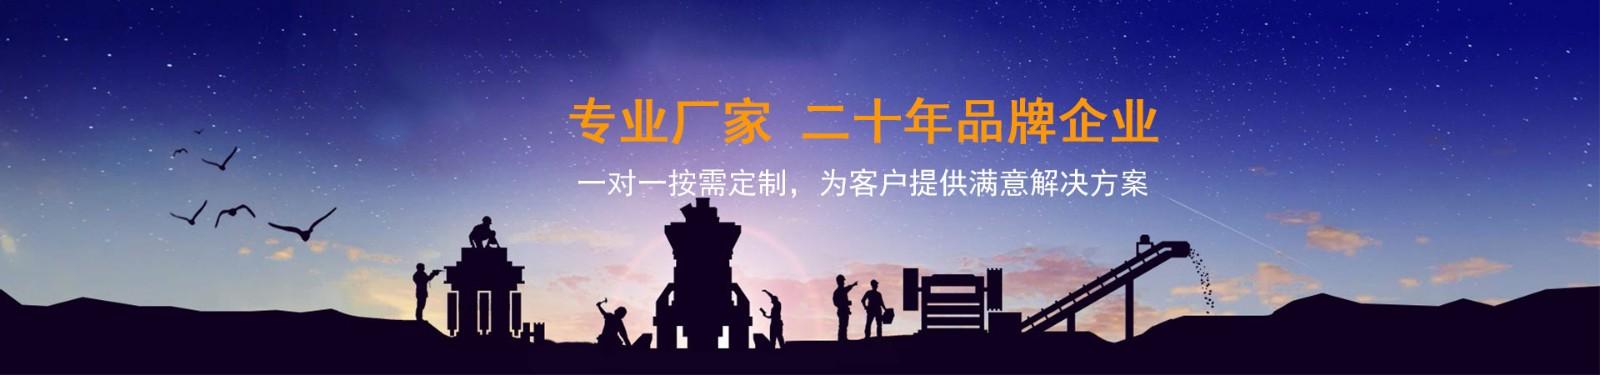 武漢鑫耀達星金屬製品玖玖資源站圖文介紹